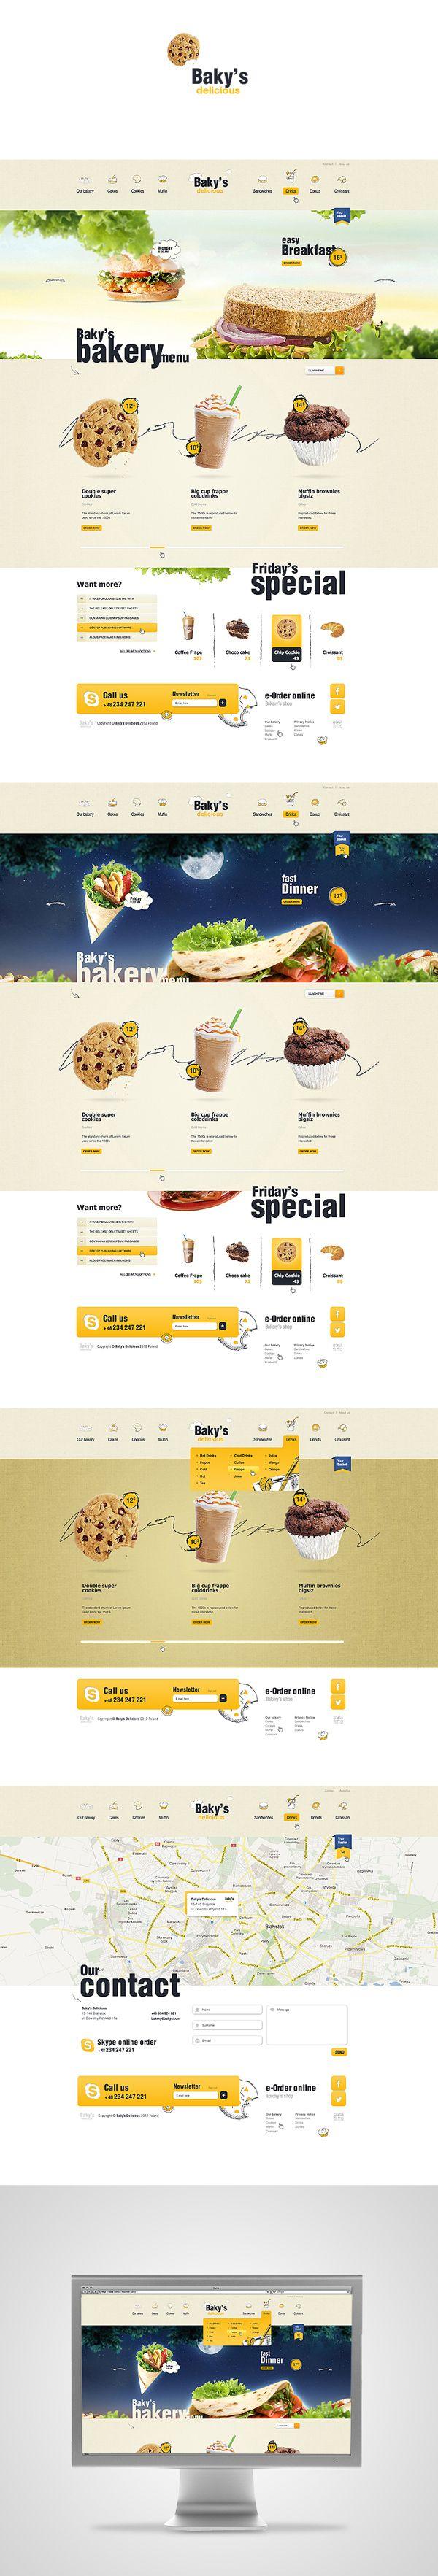 Baky's 的美味網頁設計   MyDesy 淘靈感